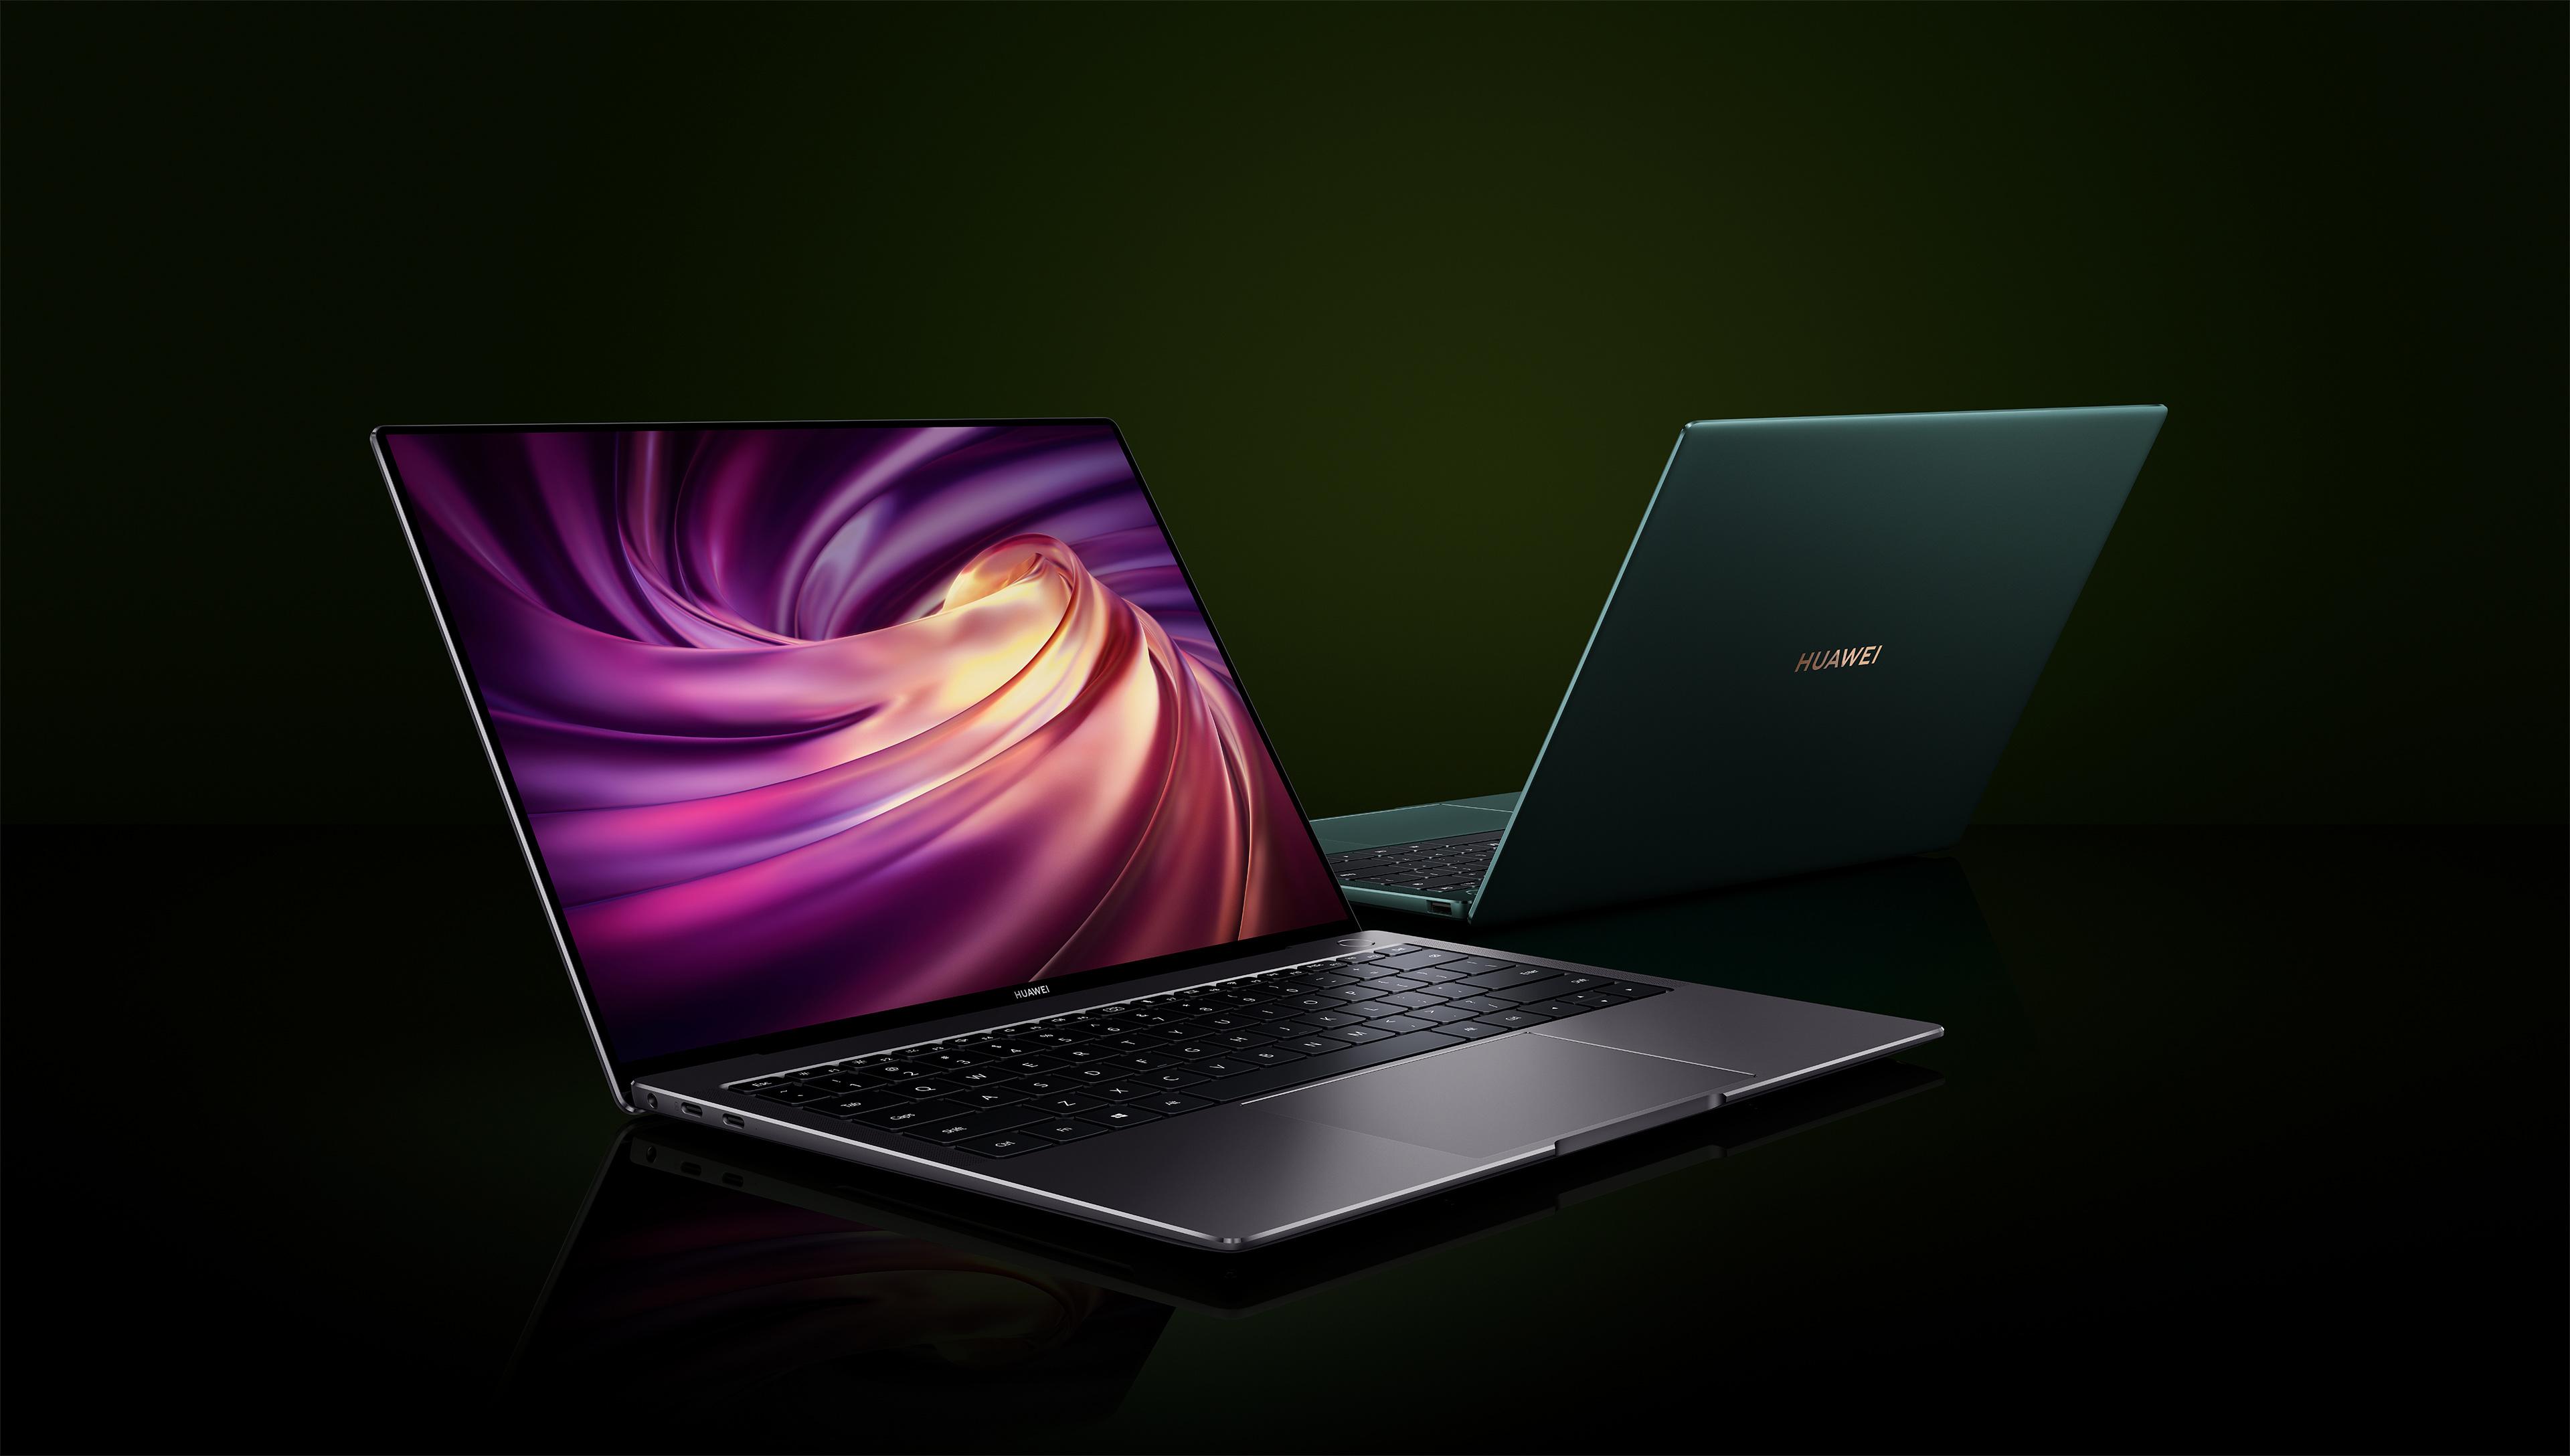 Intel 10th Gen Processors Join Huawei's MateBook X Pro Laptop